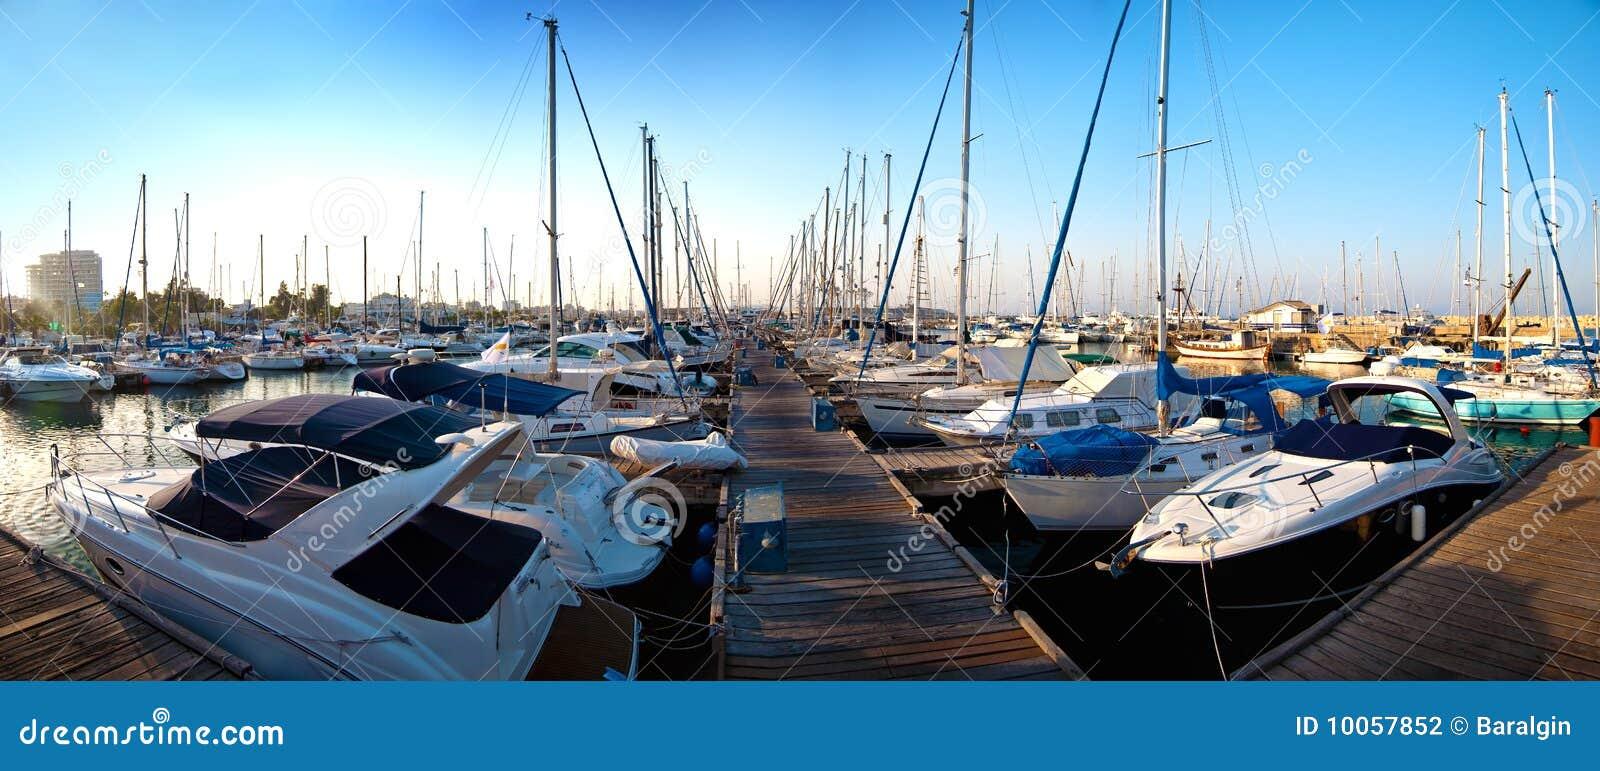 Série de imagens panorâmicos do porto com ya